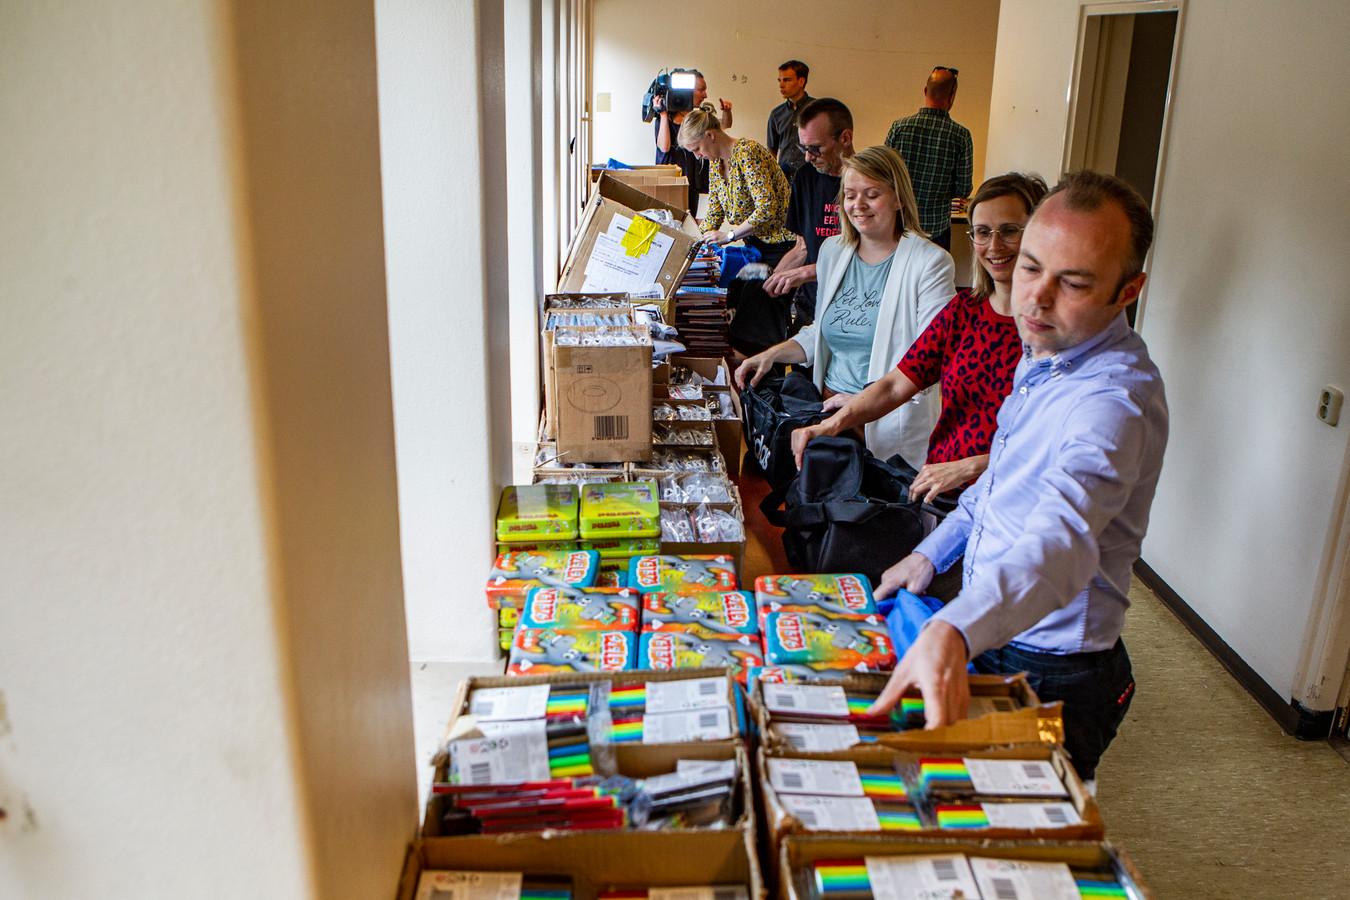 Ambtenaren van de gemeente hielpen vandaag met het inpakken van de pakketten. Rechts wethouder Rob de Geest (PvdA).